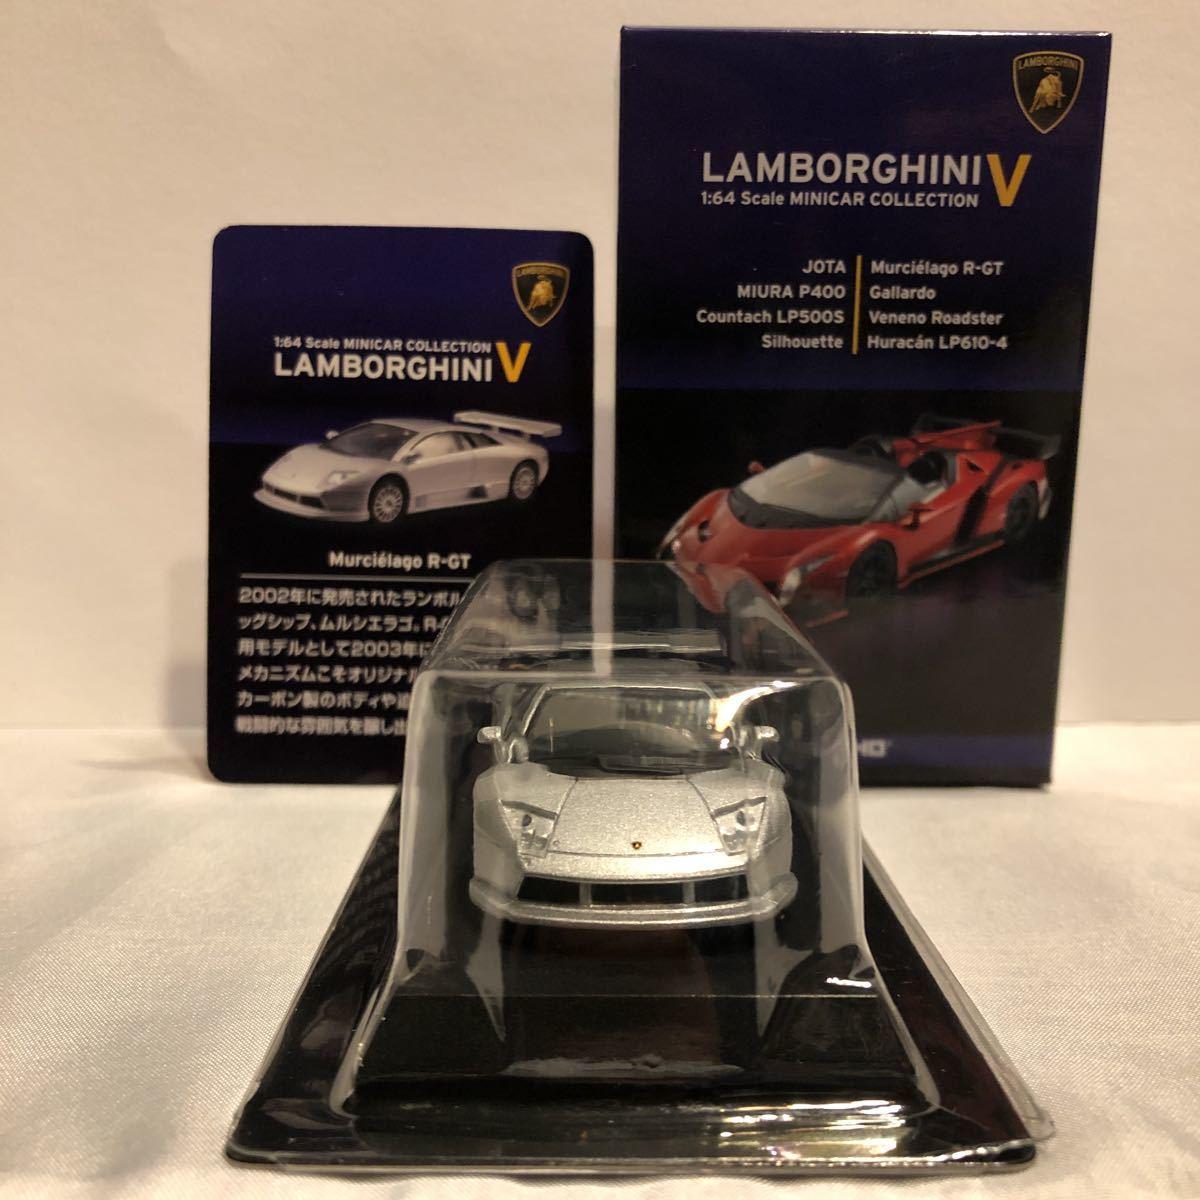 京商 1/64 LAMBORGHINI Ⅴ Murcielago R-GT ランボルギーニ #5 ムルシエラゴ 銀色 シルバー ミニカー モデルカー_画像2